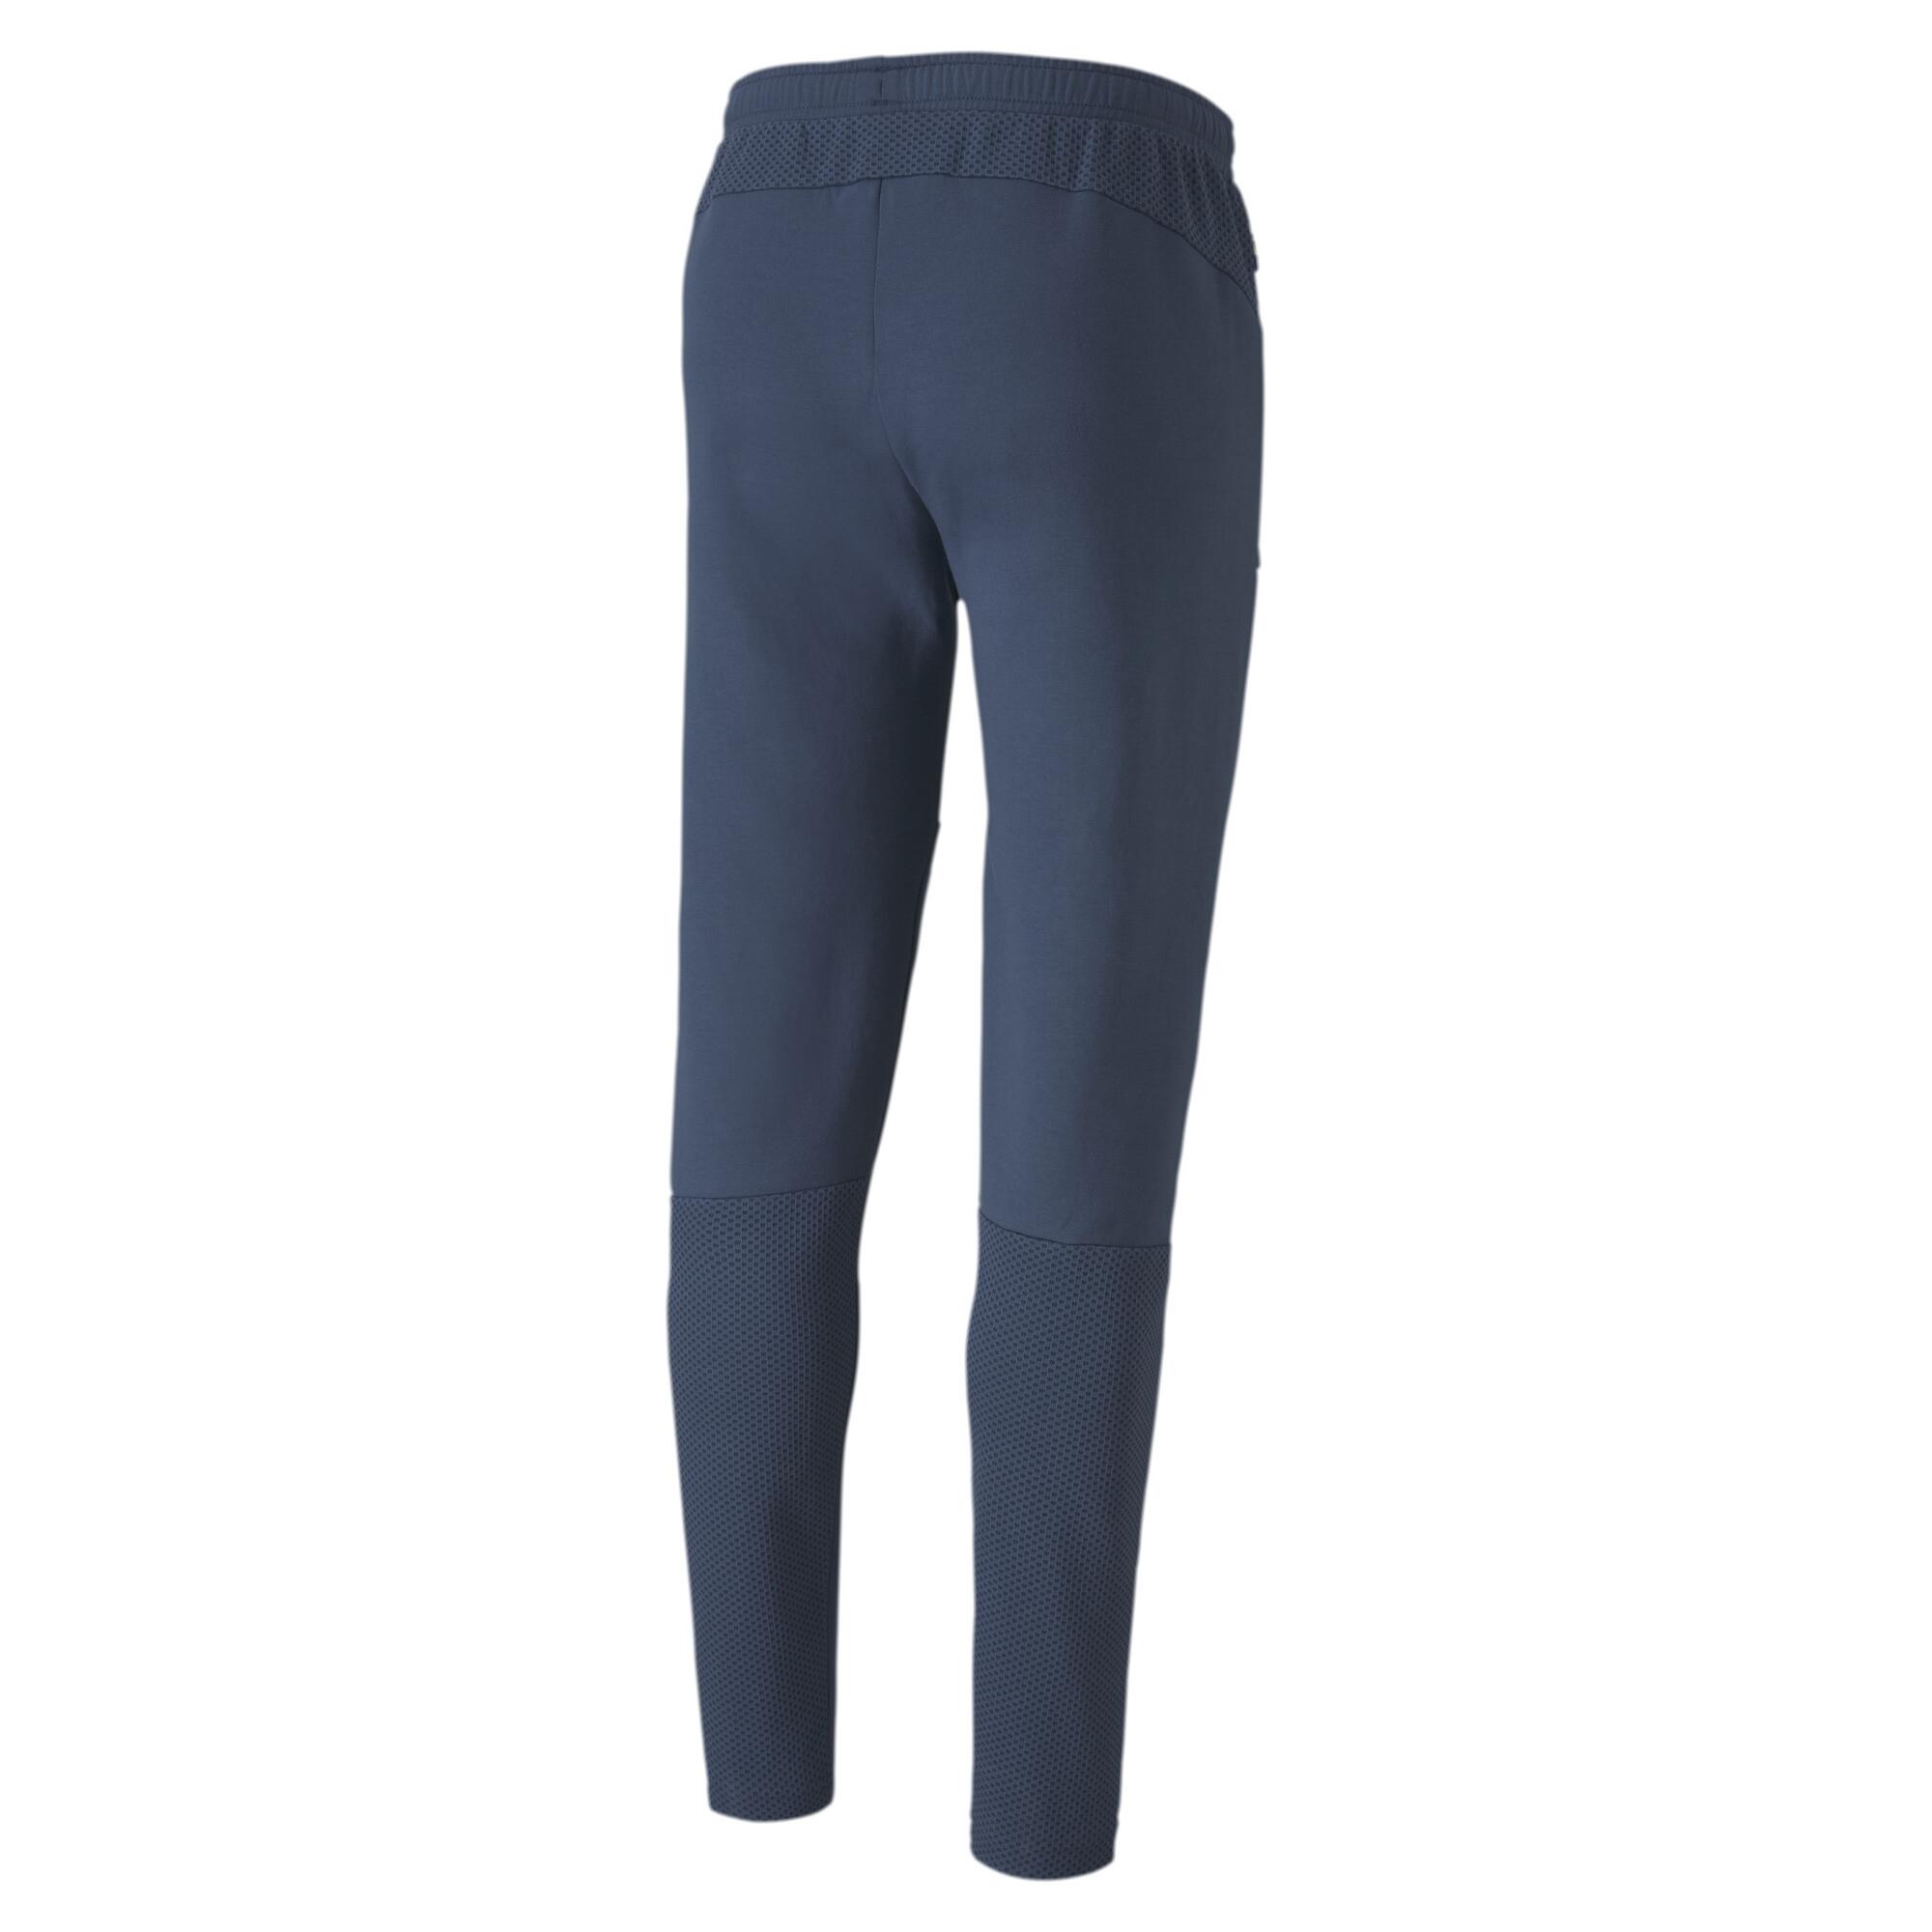 PUMA-Evostripe-Men-039-s-Sweatpants-Men-Knitted-Pants-Basics thumbnail 15